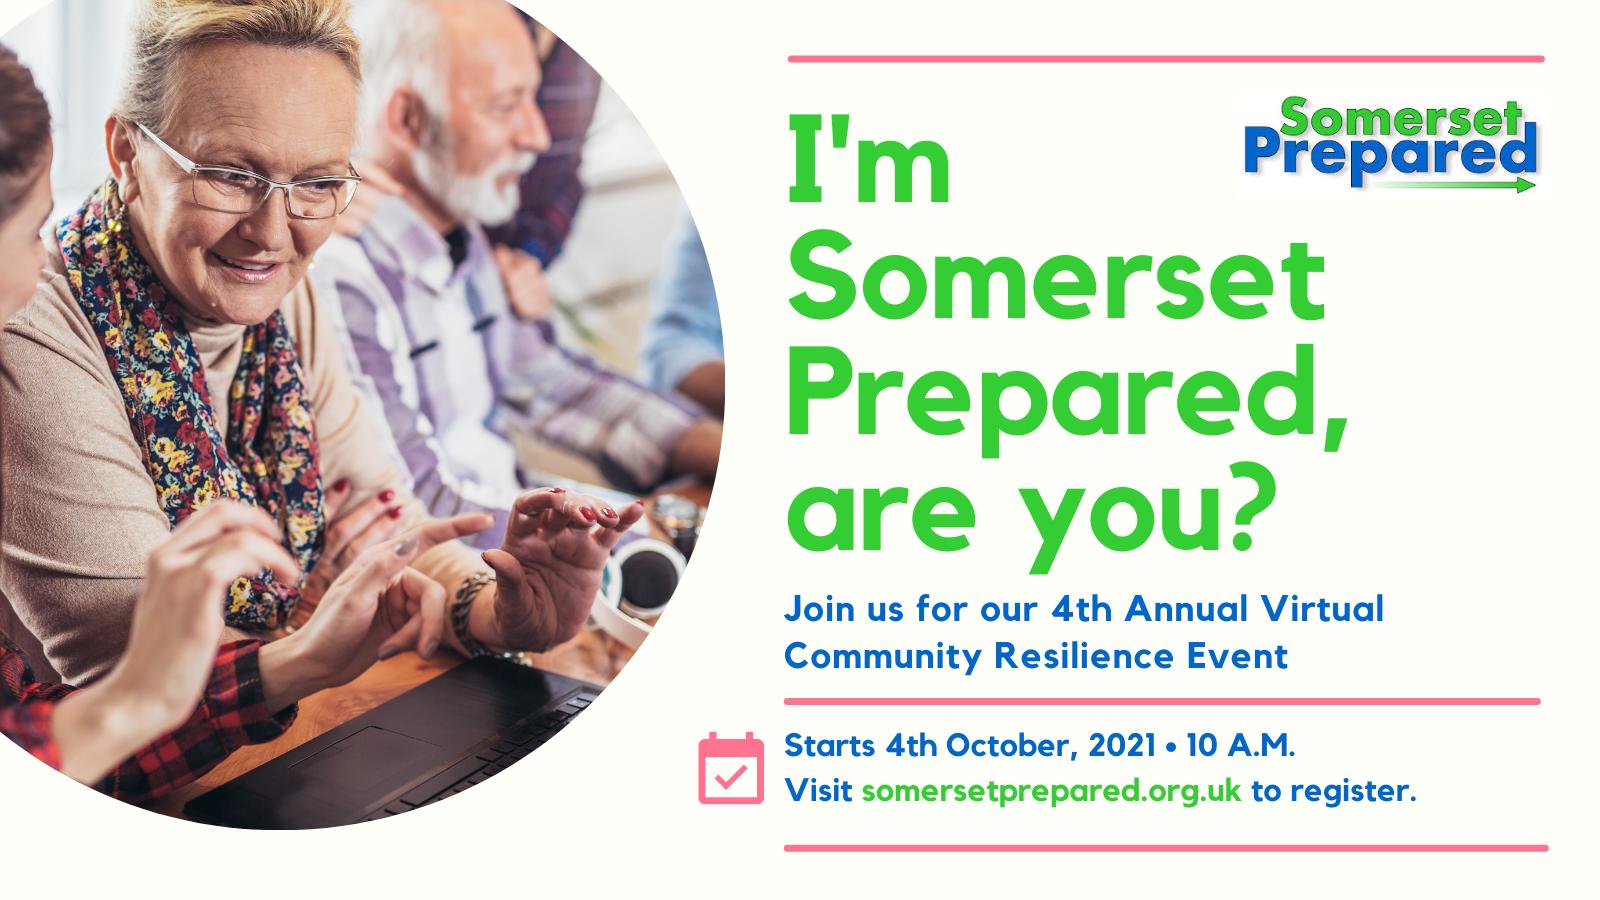 Somerset celebrates emergency volunteers